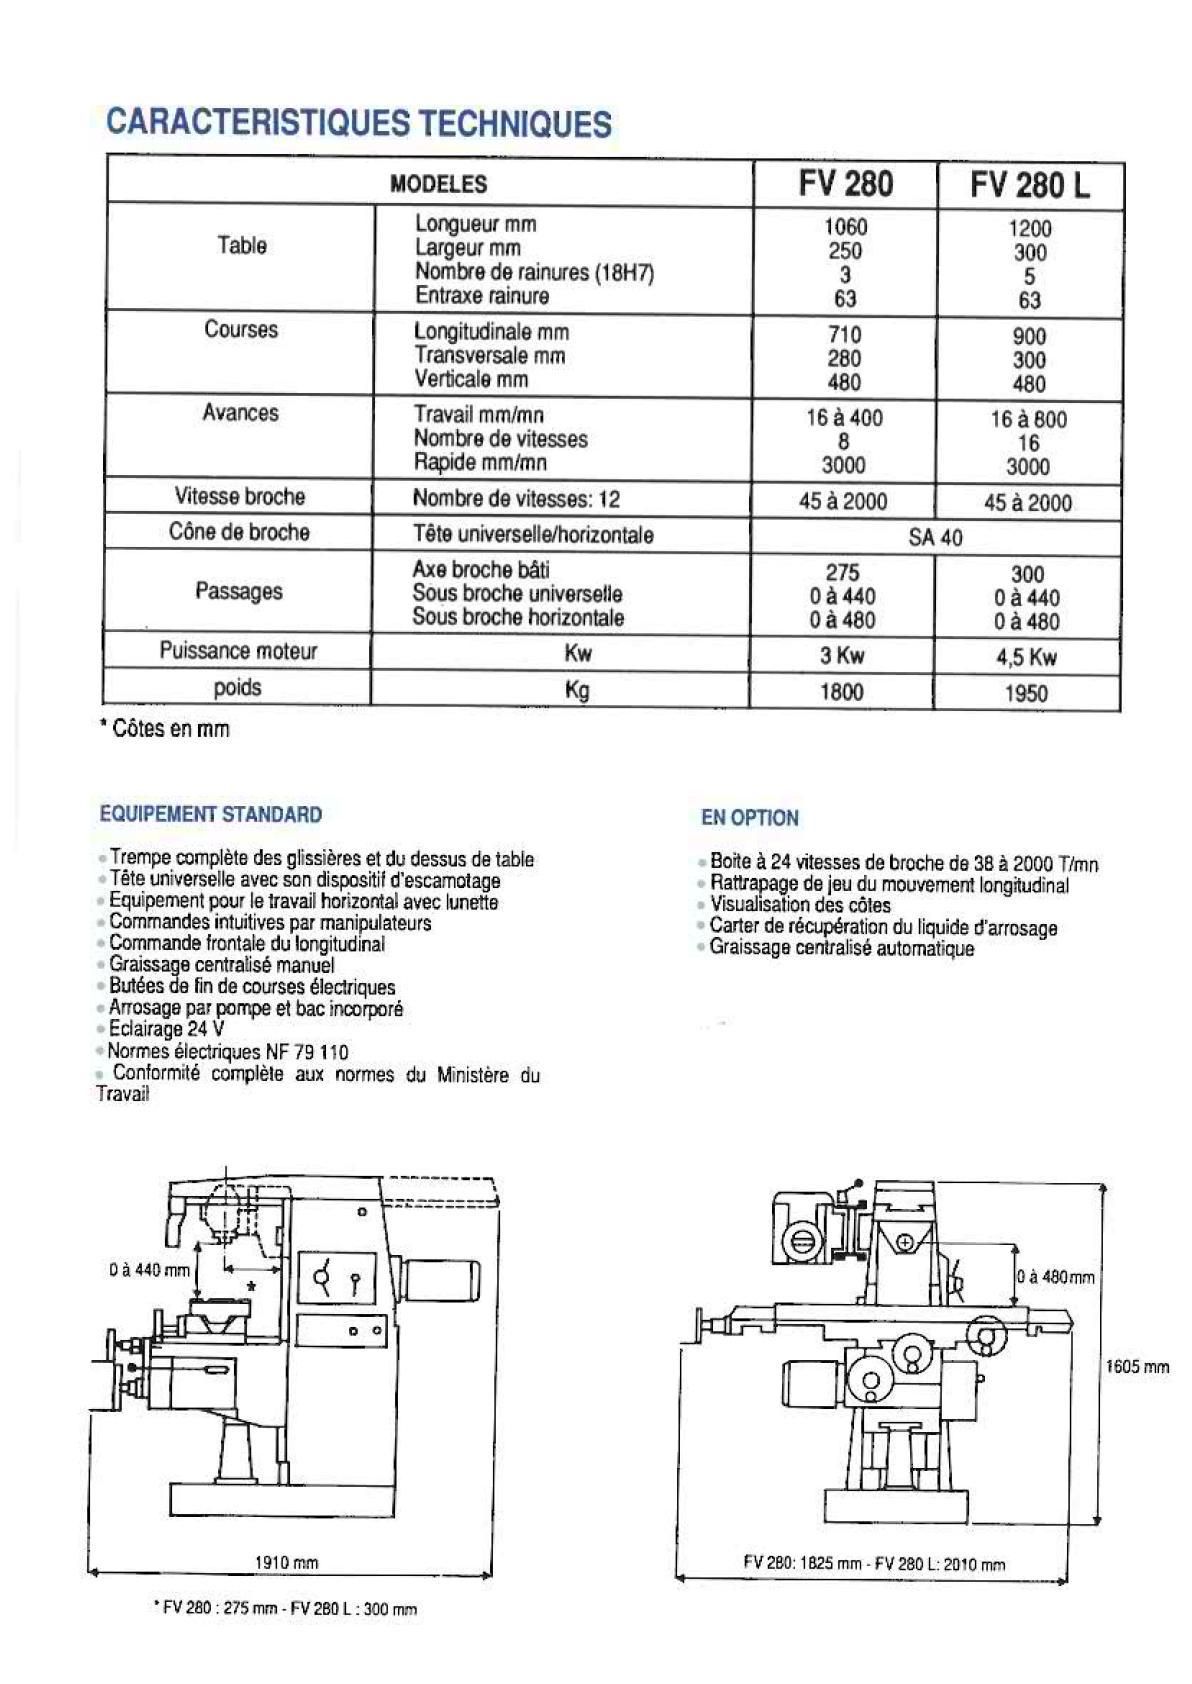 Vernier FV280 & FV 280L Uw1114